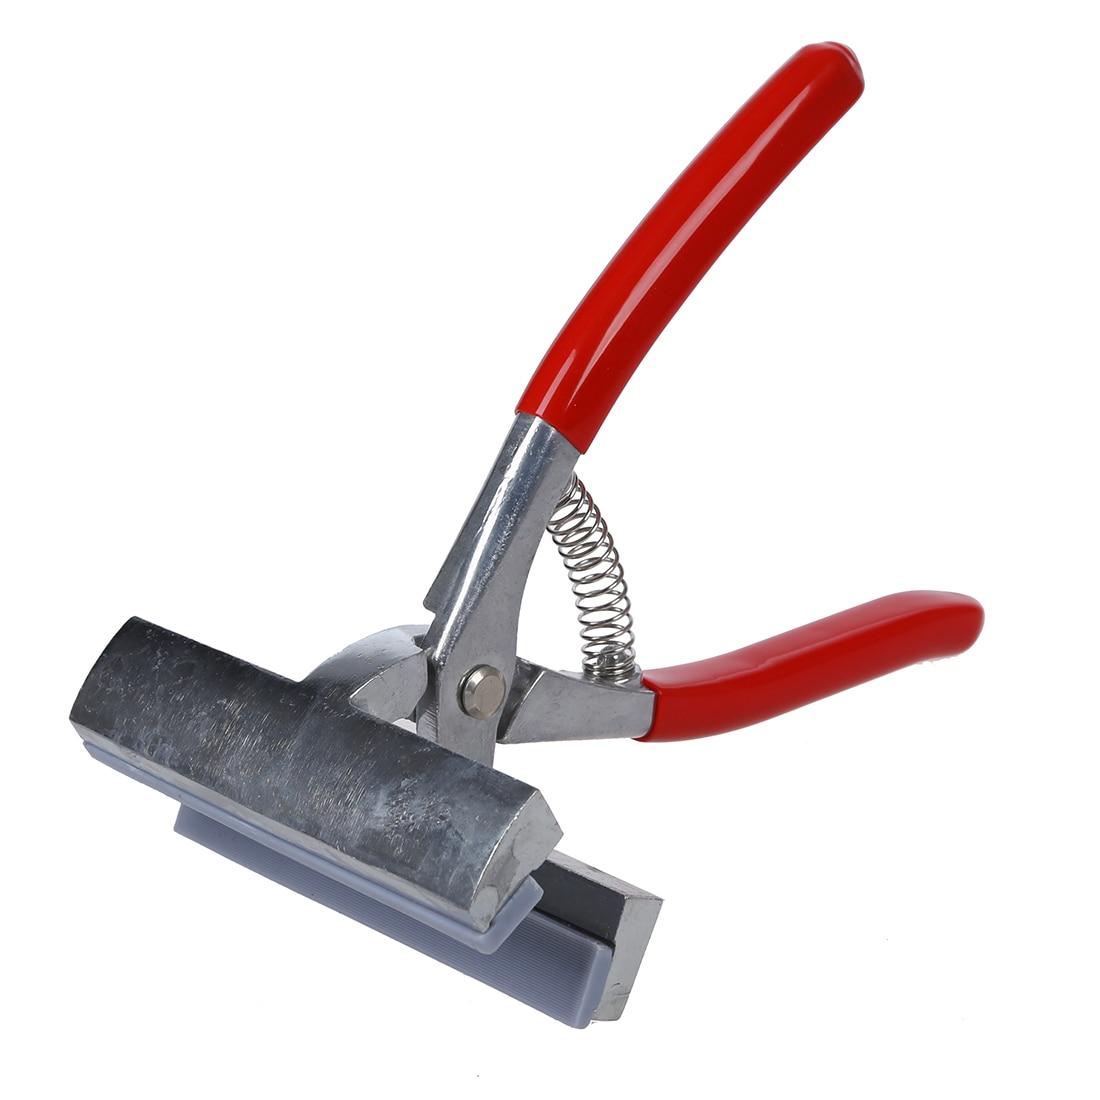 Diszipliniert Dsha Neue Heiße Aluminium Alloy Leinwand Stretching Zange Ölgemälde Zangen Rote Schaft Mit Feder Blut NäHren Und Geist Einstellen Zangen